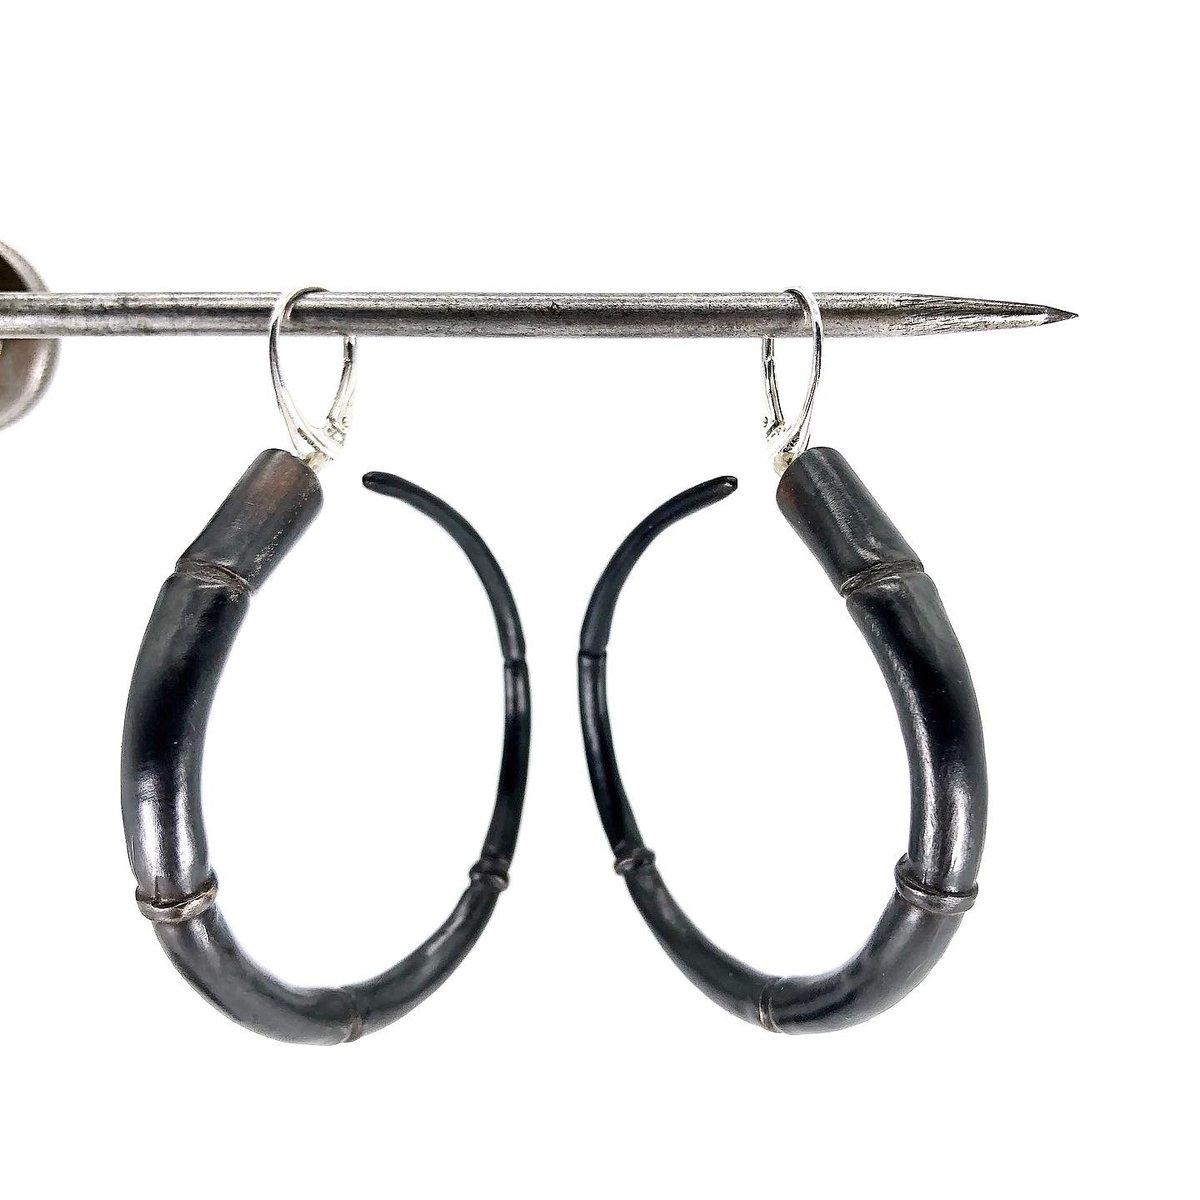 Image of Tendril Hoop Earrings, Black #1